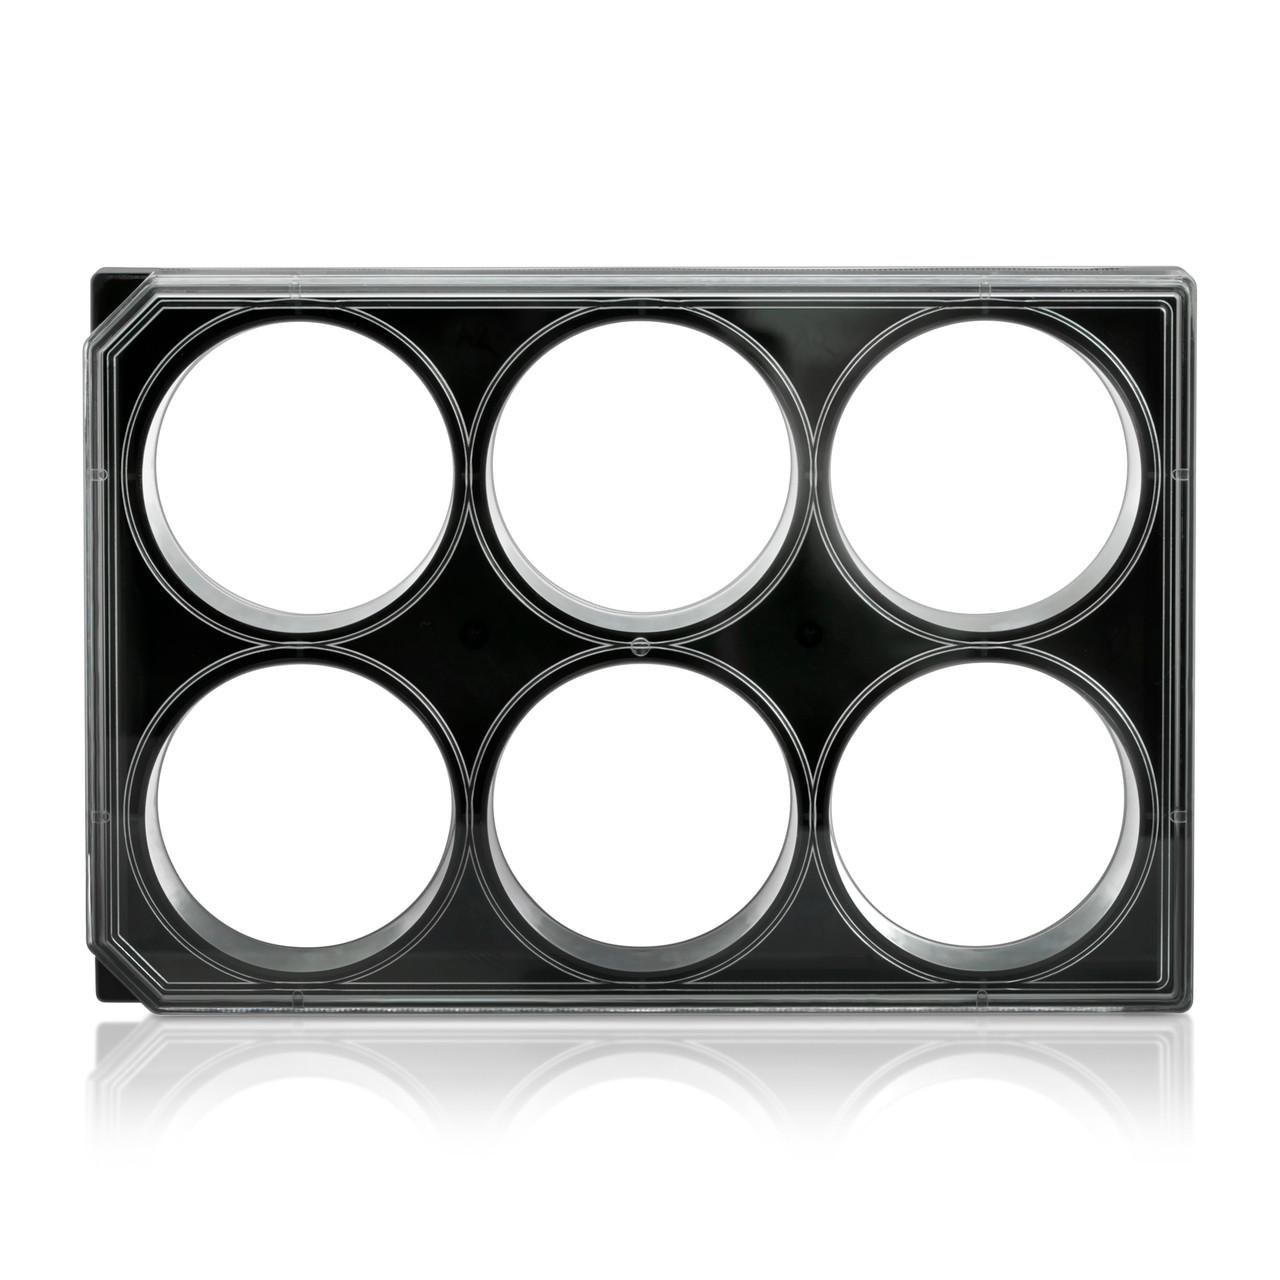 6 well glass bottom Plates